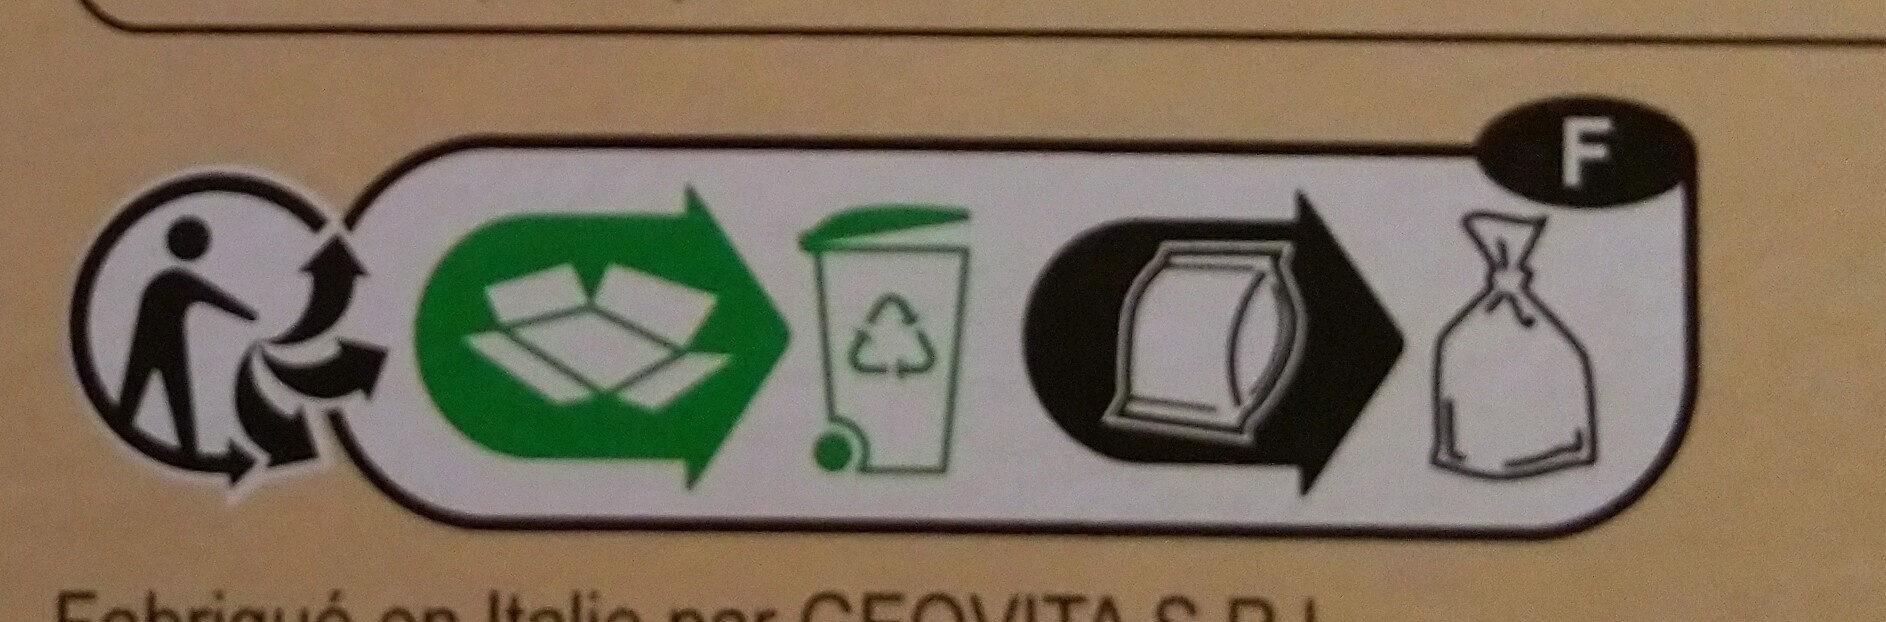 melanges gourmands - Instruction de recyclage et/ou information d'emballage - fr